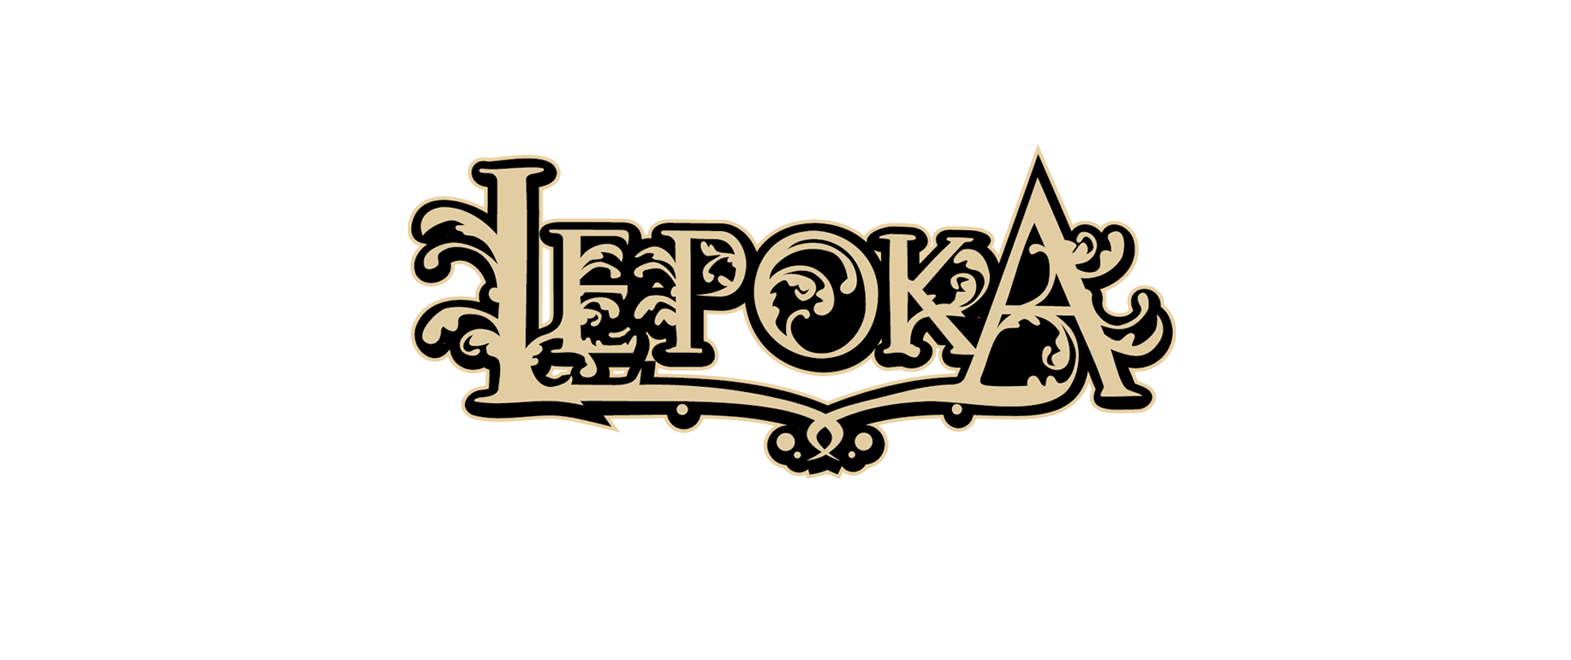 LepokaSlide